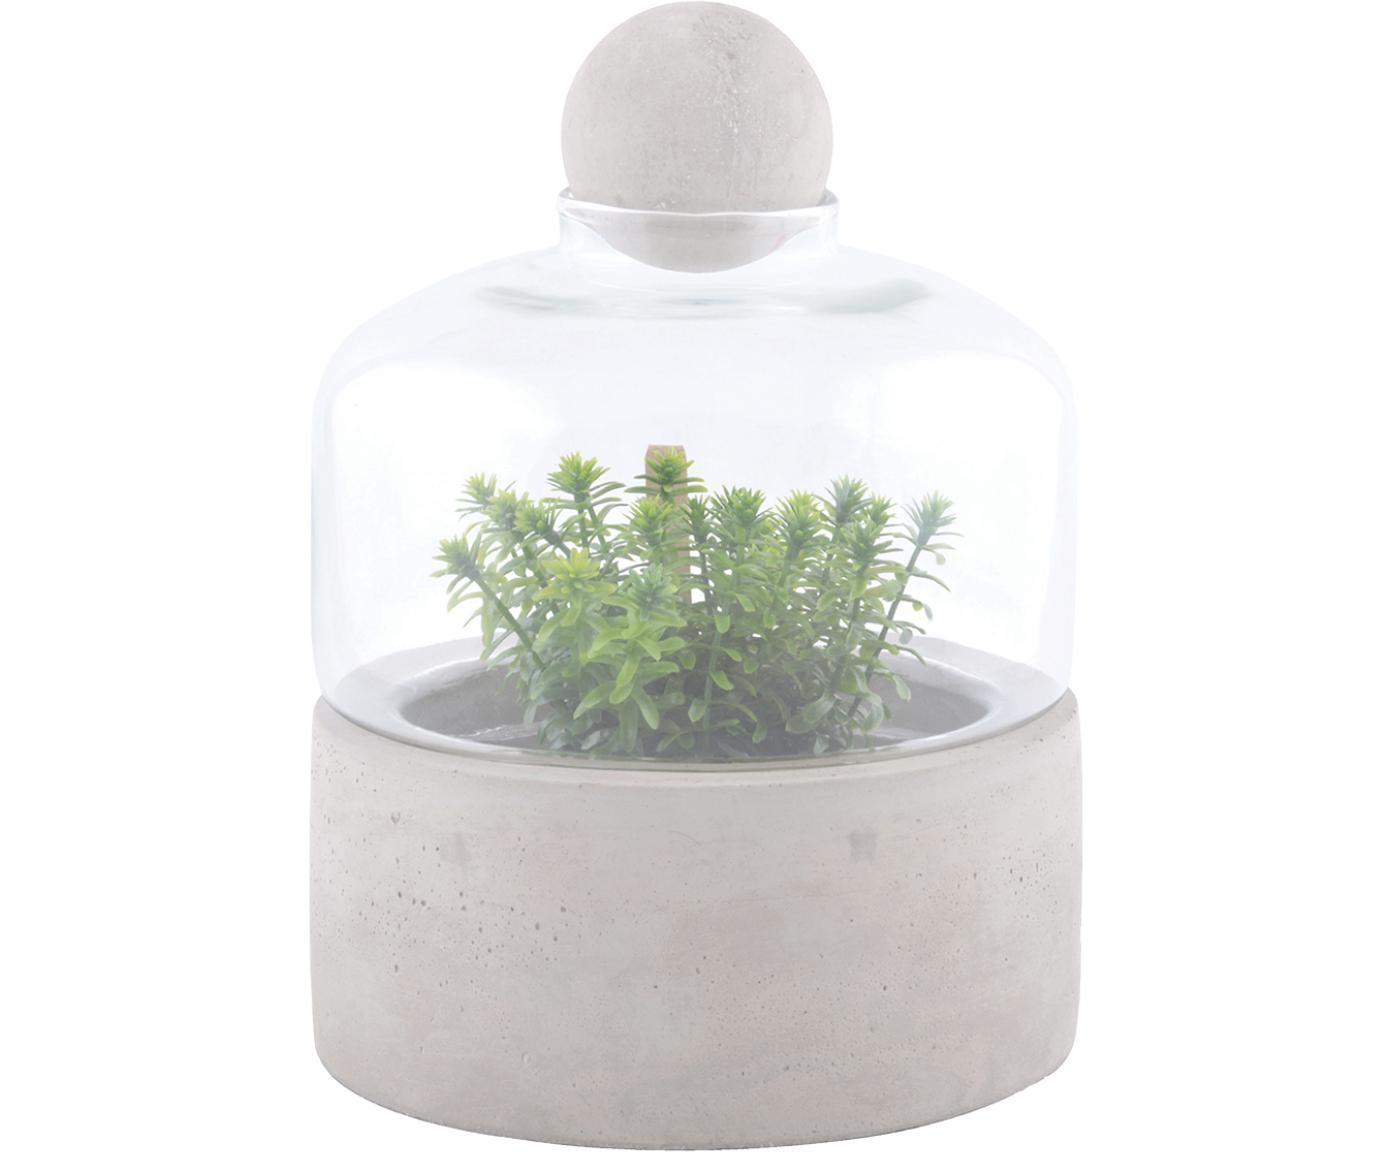 Butelka na rośliny Budi, Szary, transparentny, Ø 18 x W 24 cm